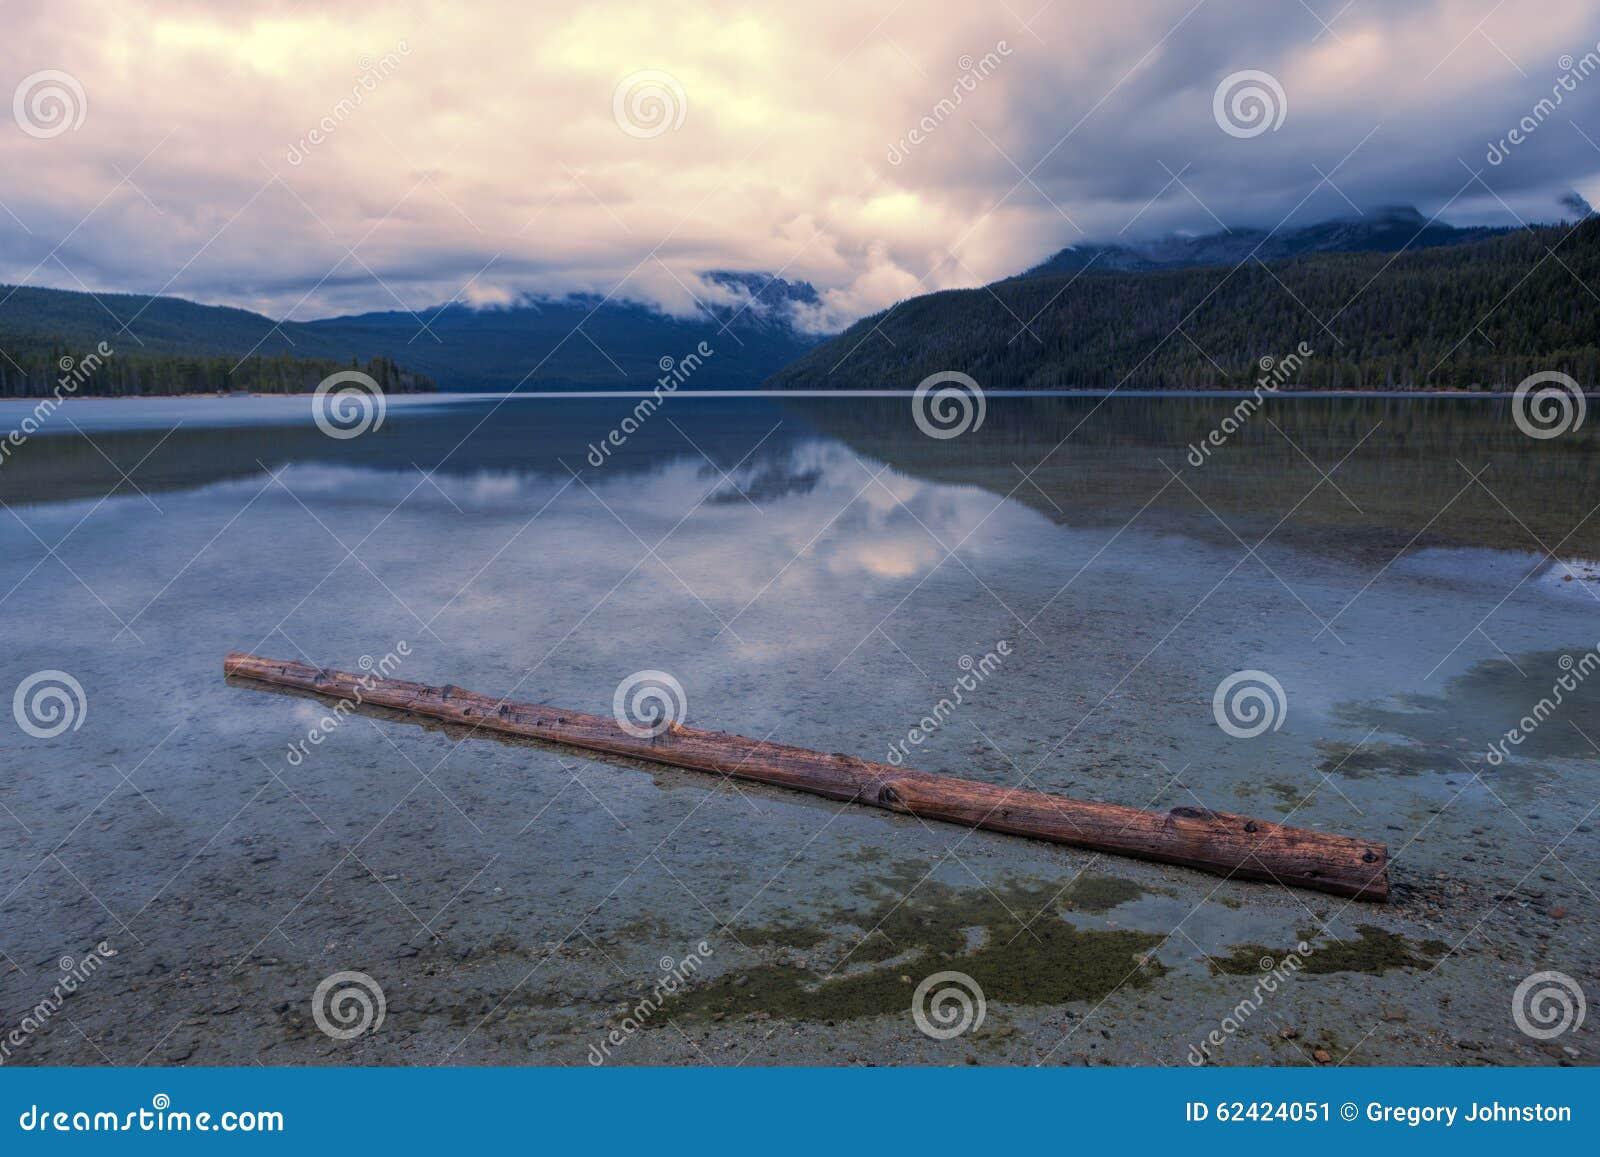 Identifiez-vous le lac peu profond